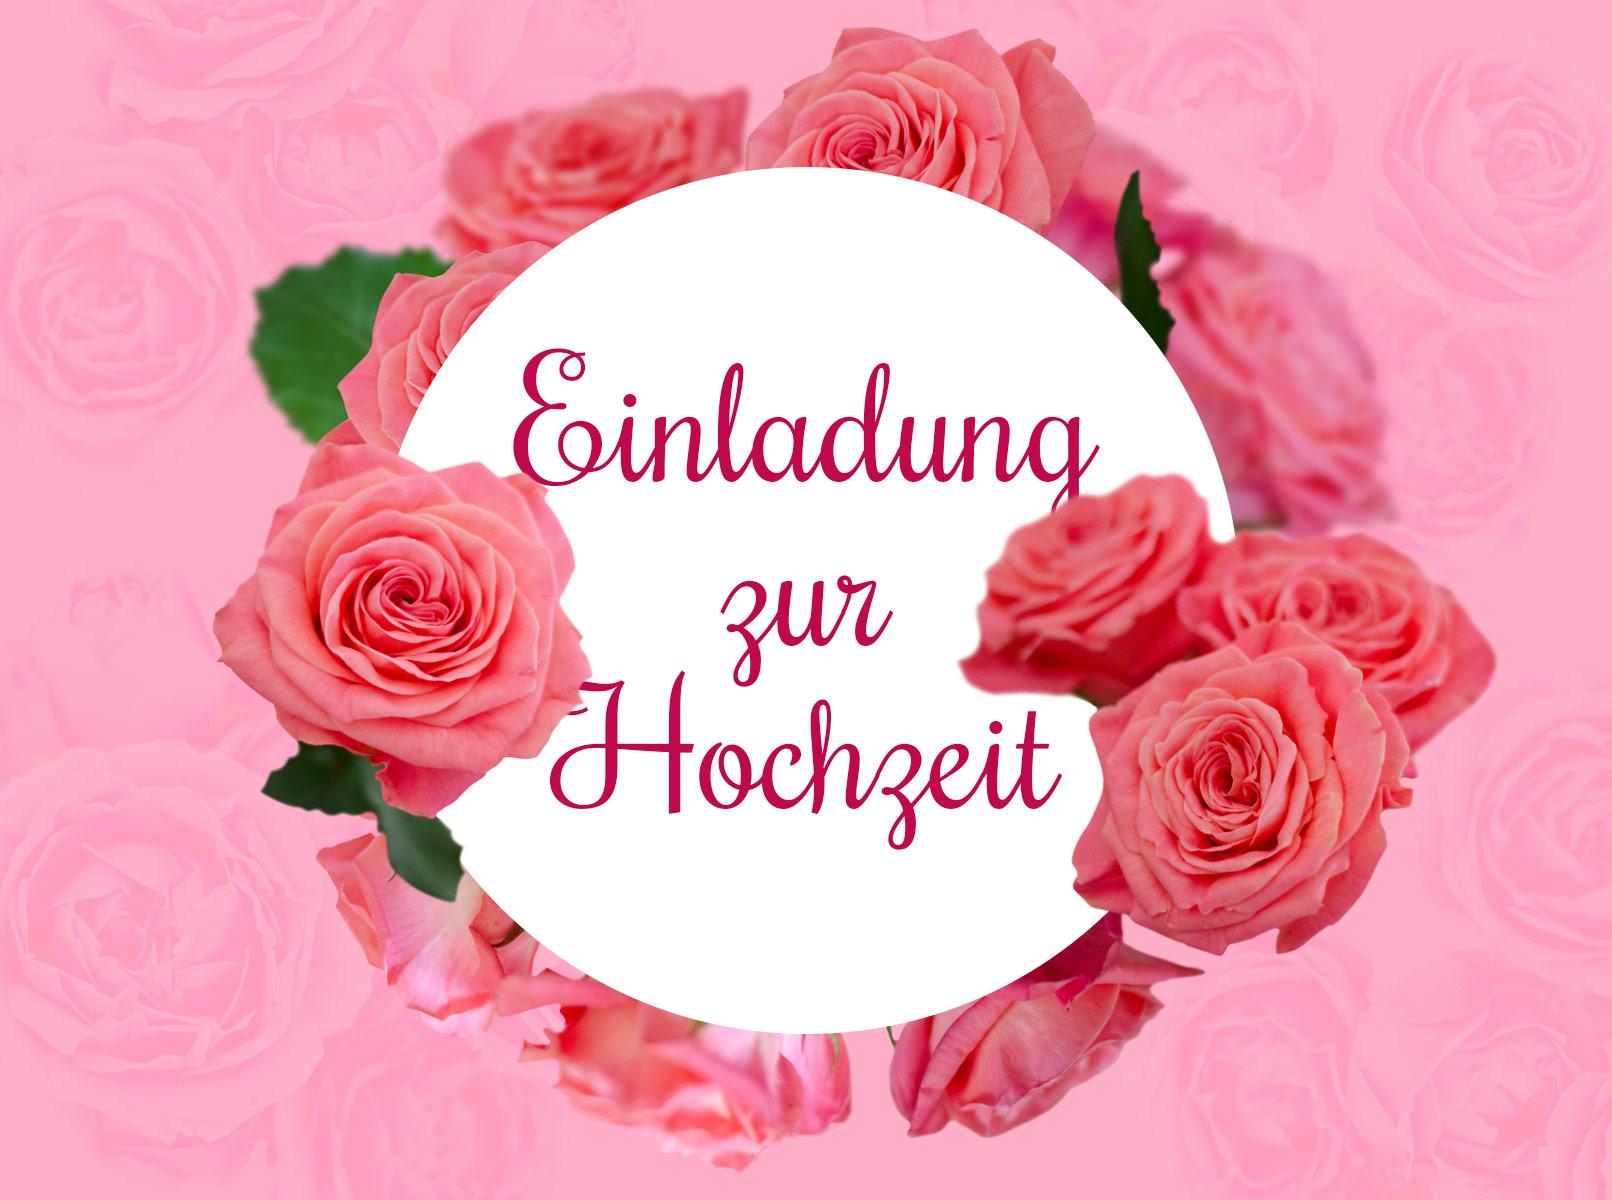 Einladungskarte für eine Hochzeit mit lachsfarbenen Rosen